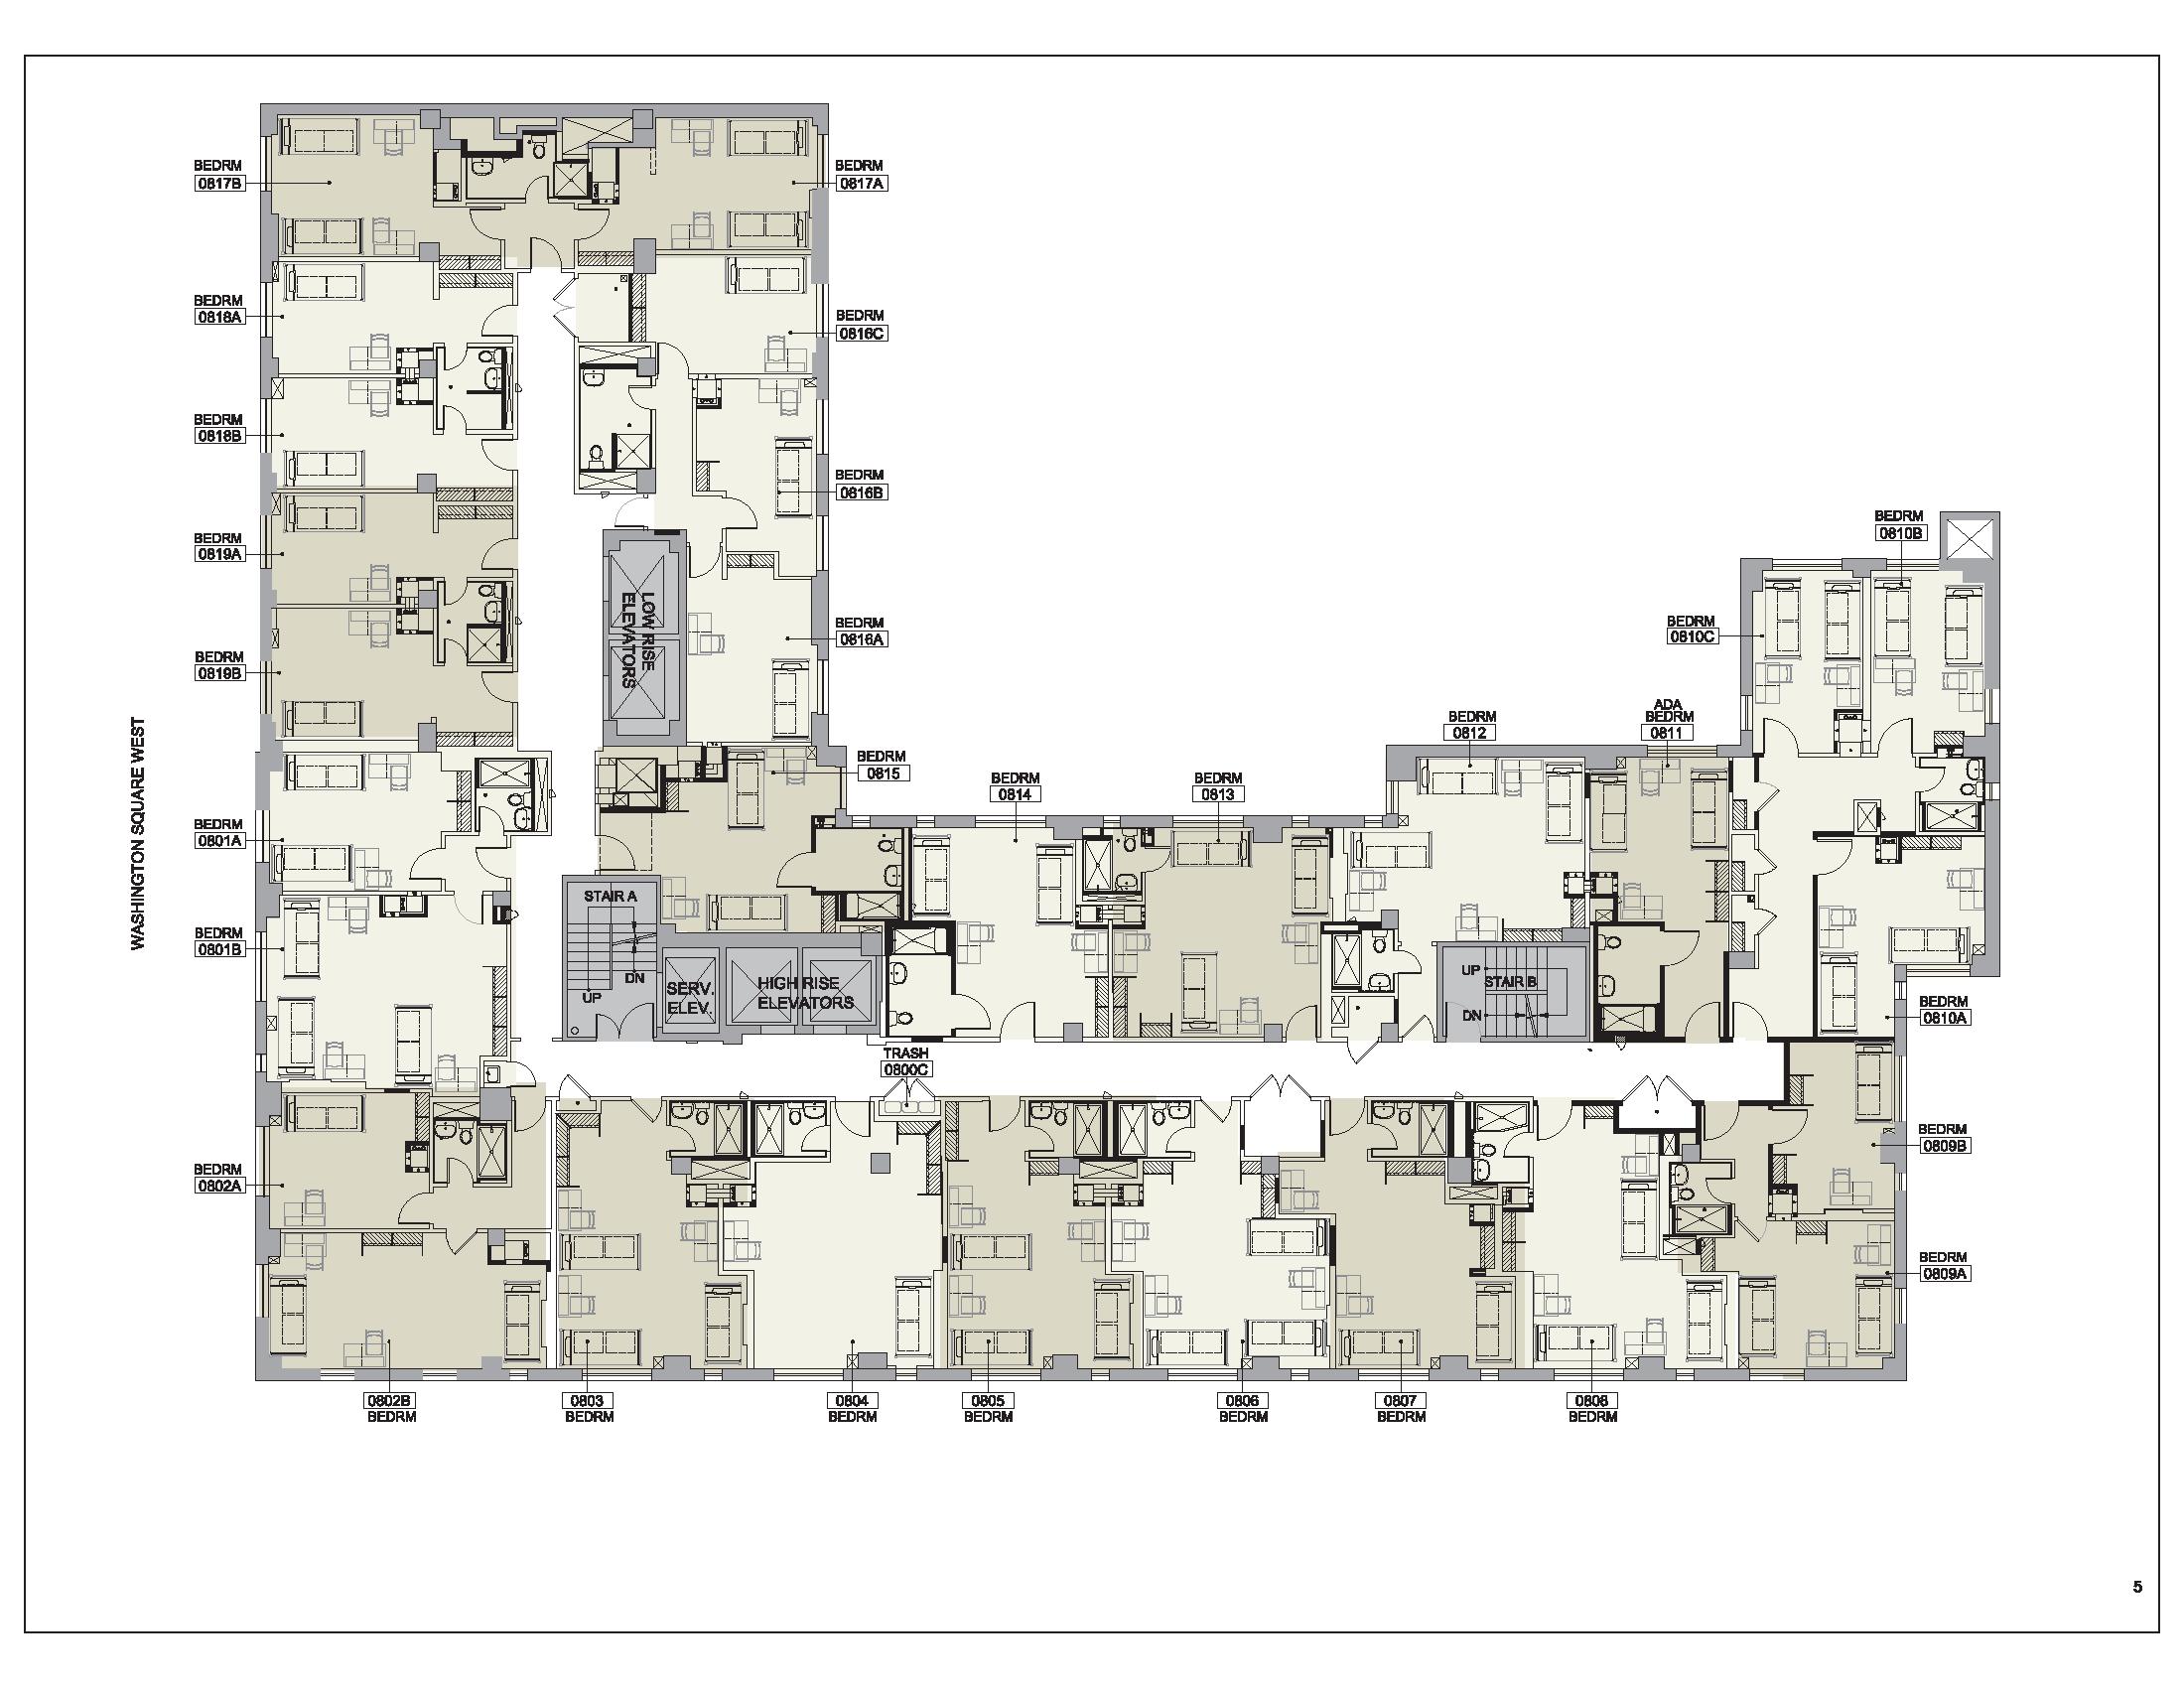 Floor plan for Lipton Floor 08